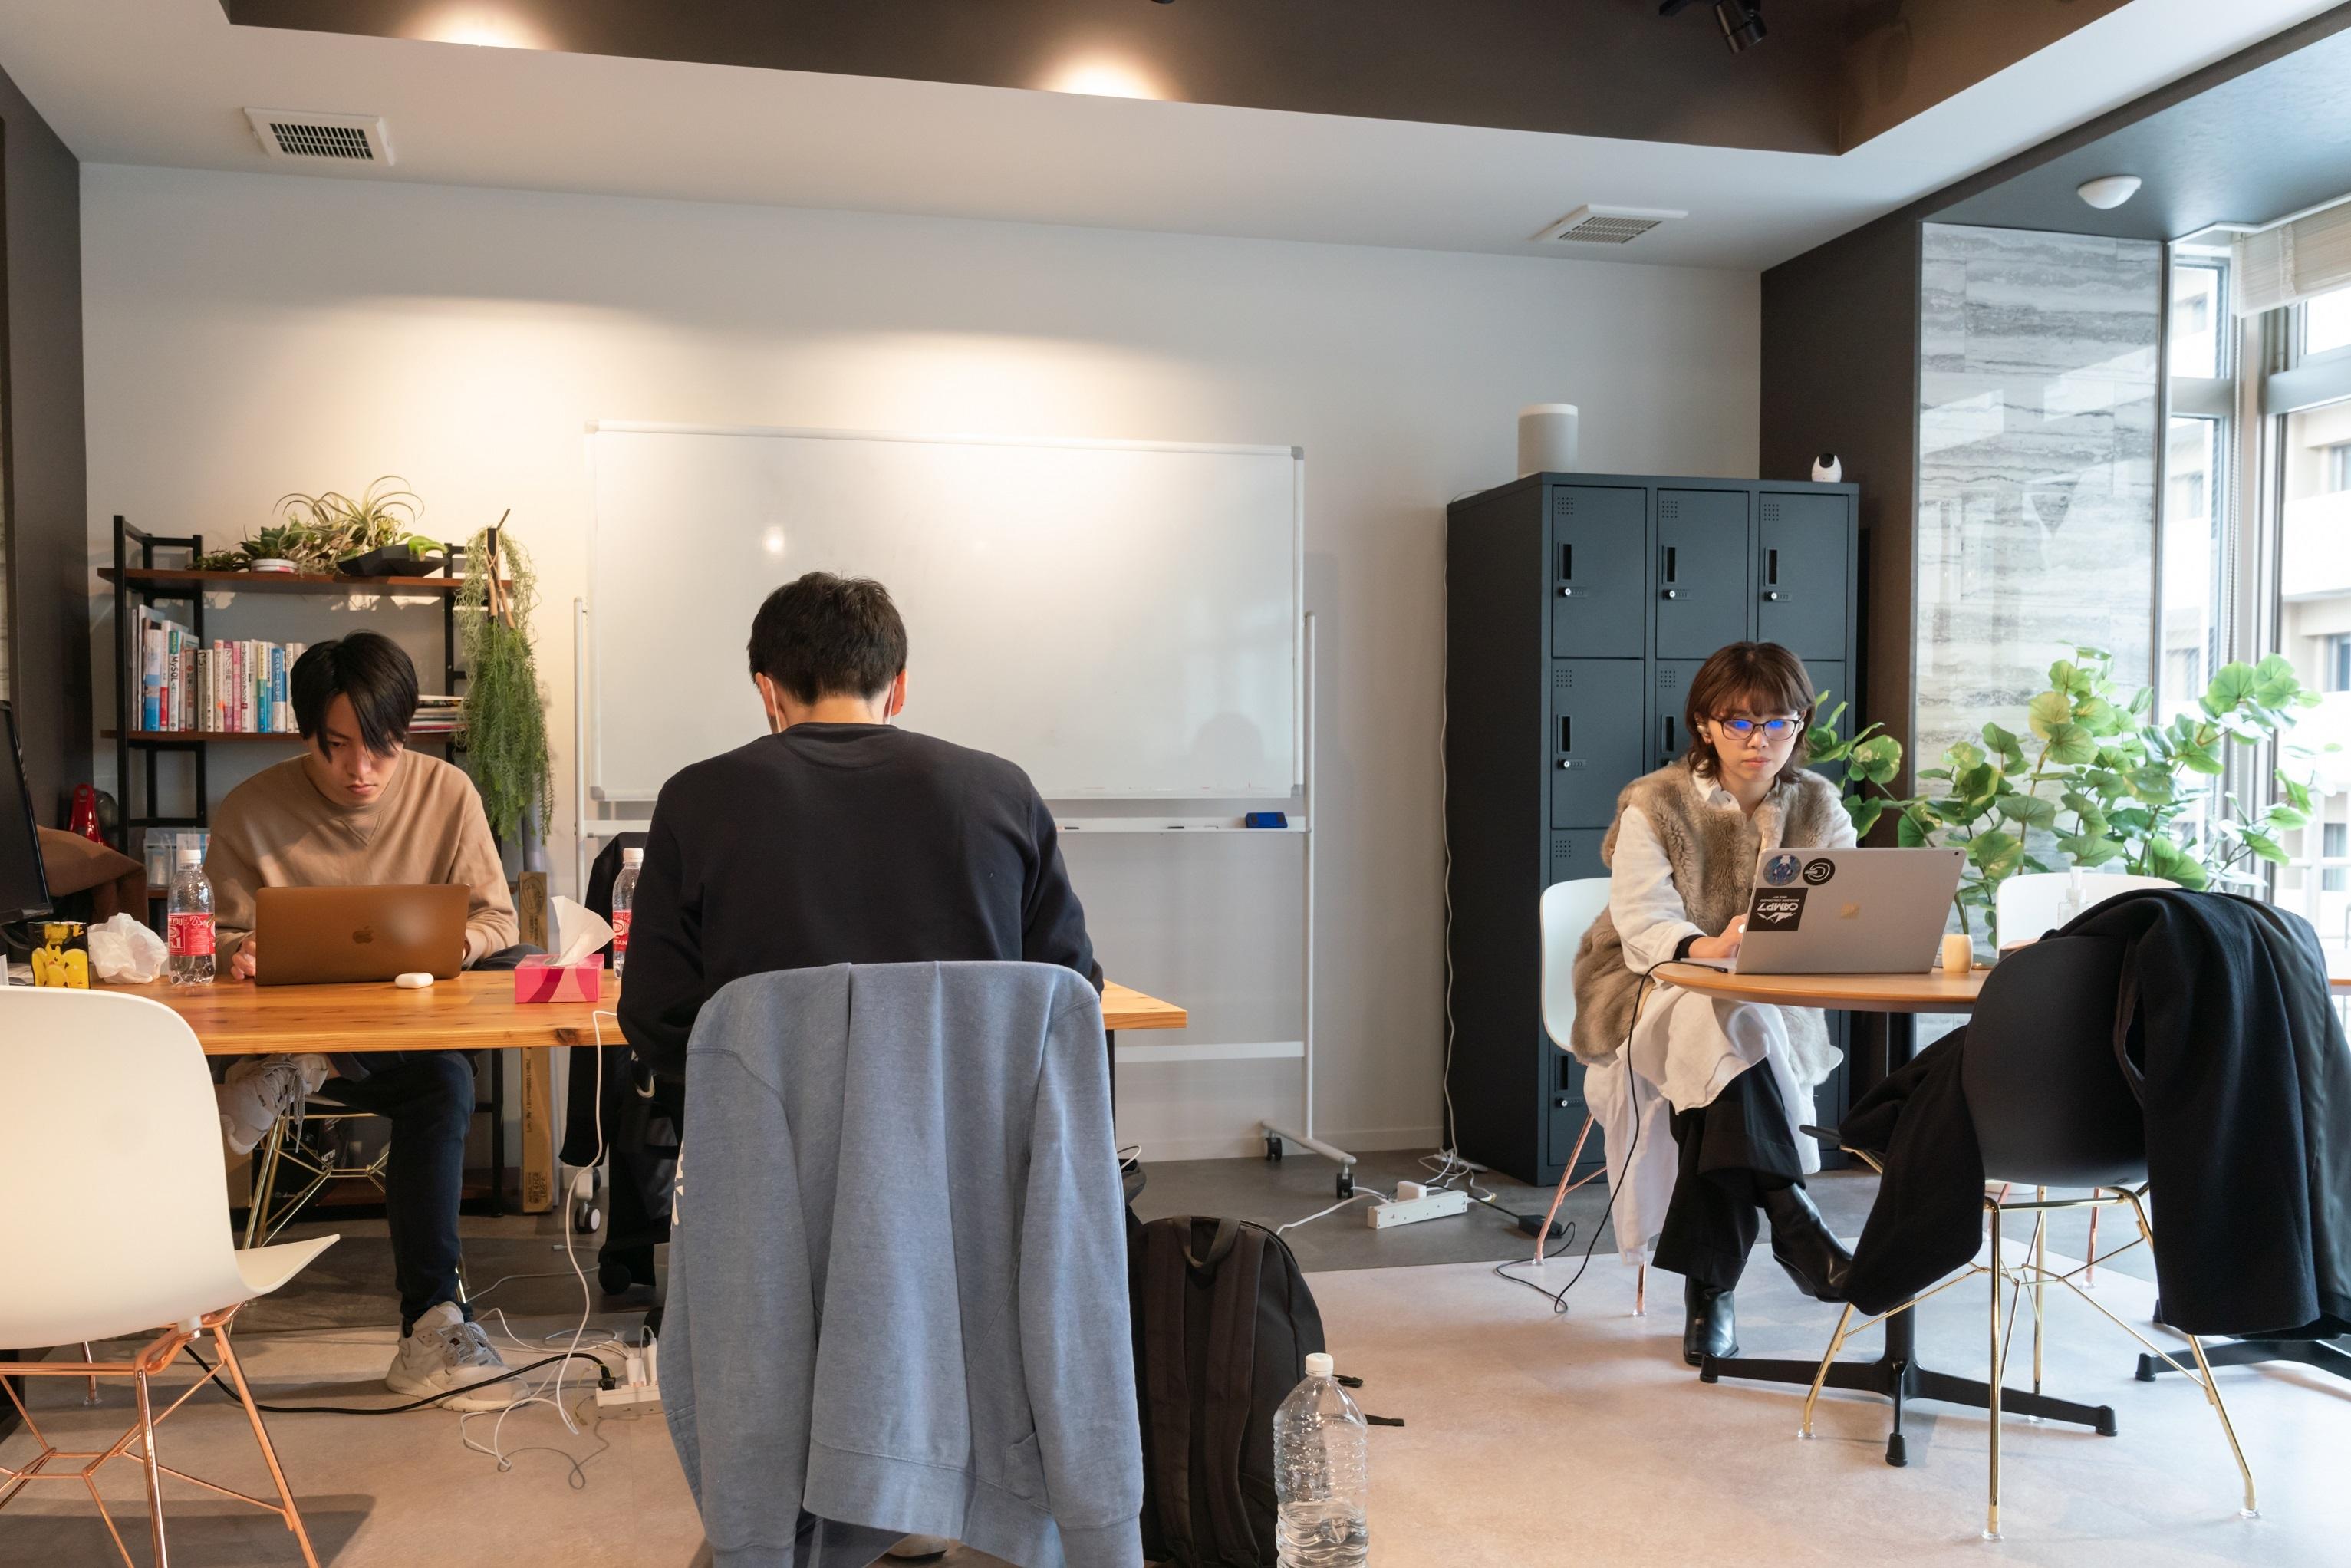 <リモートOK!>イベント特化のオンラインビジネスツール「EventHub」のマーケティングWebデザイナー募集!